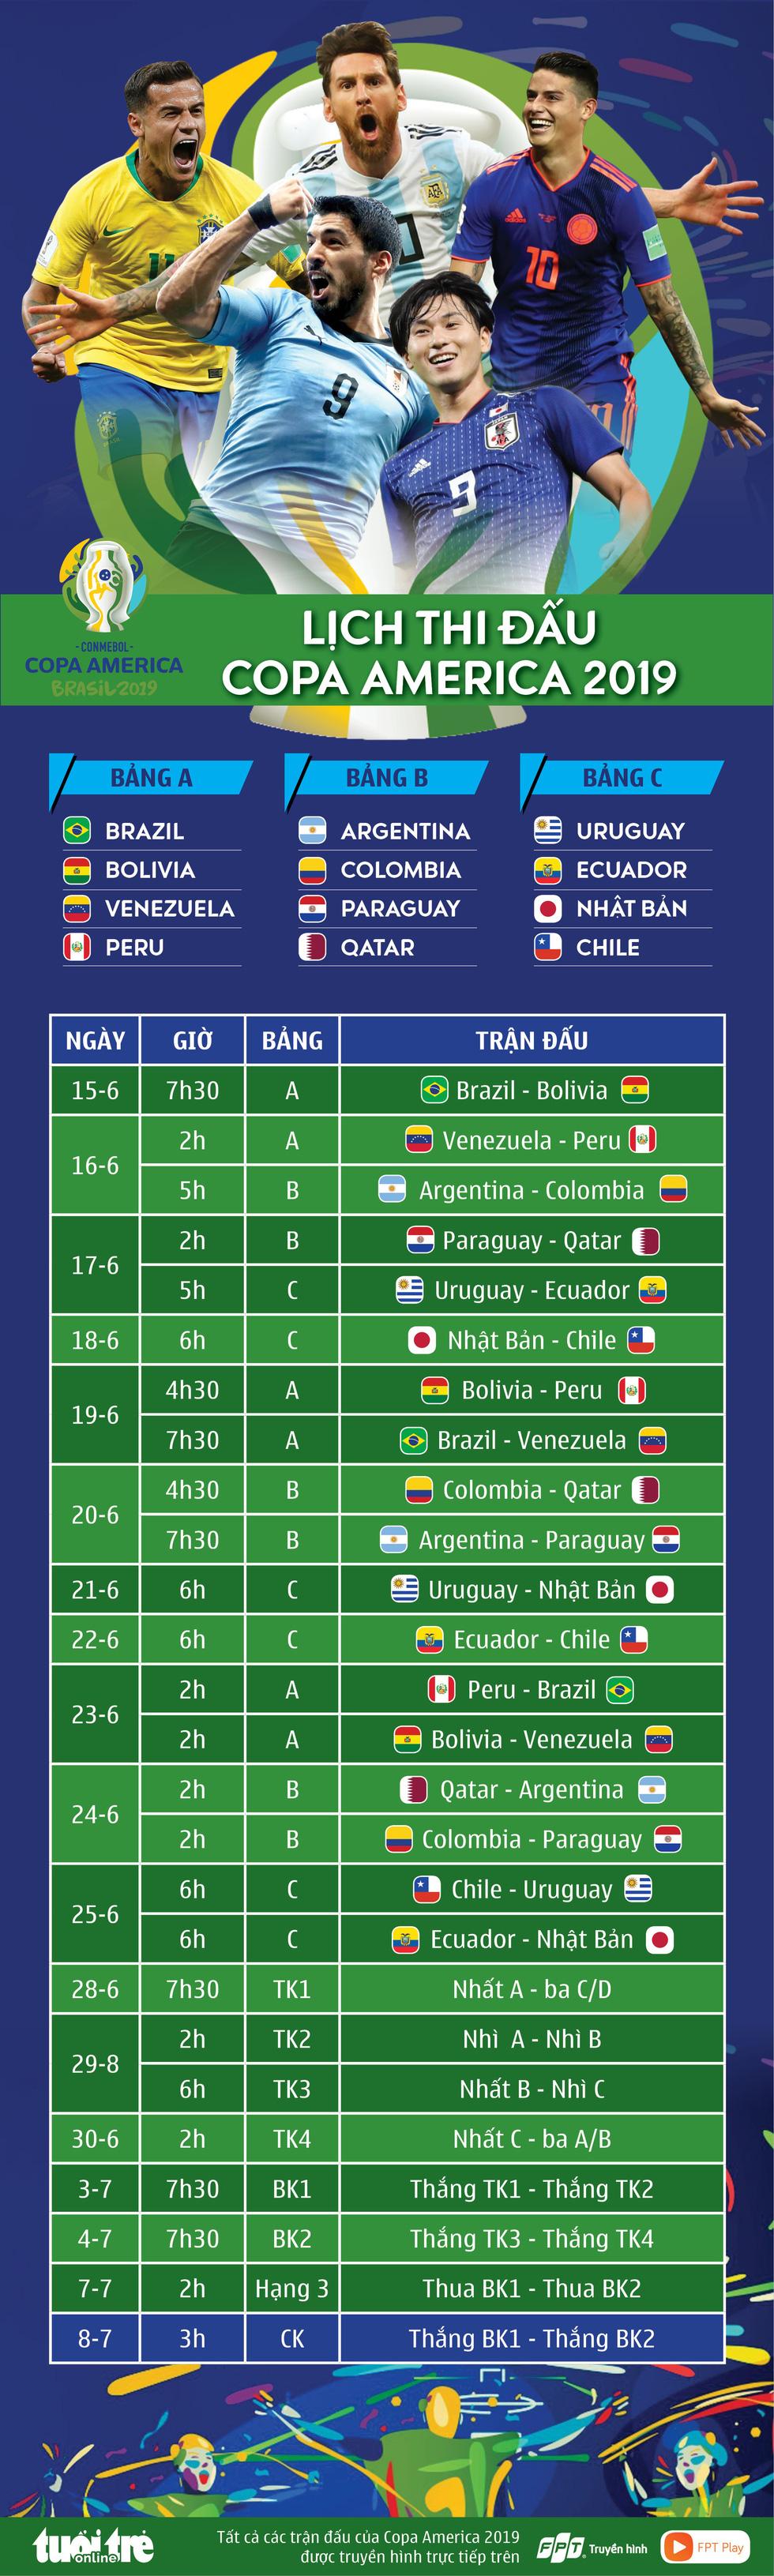 Lịch thi đấu Copa America 2019 - Ảnh 1.